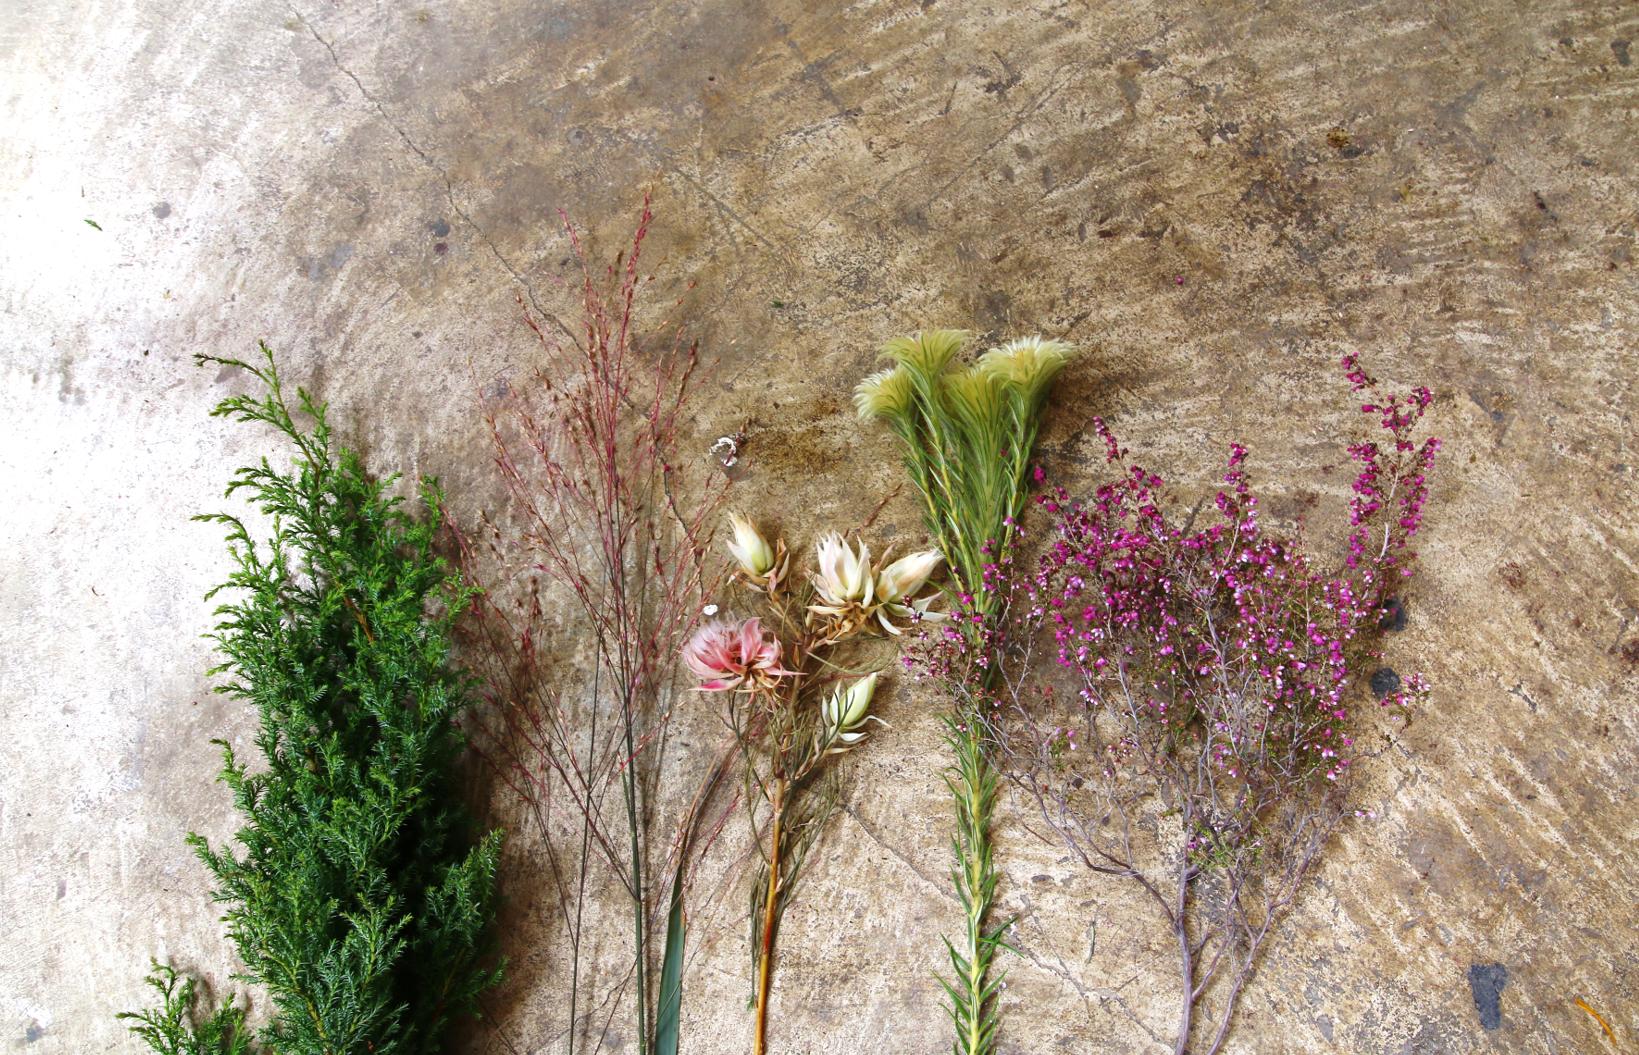 細かく枝分かれしたお花をまとめたミニスワッグも、賑やかな雰囲気で素敵です。こちらの花材は、左からヒムロスギ、パニカム、セルリア、フィリカ、エリカの5種類です。